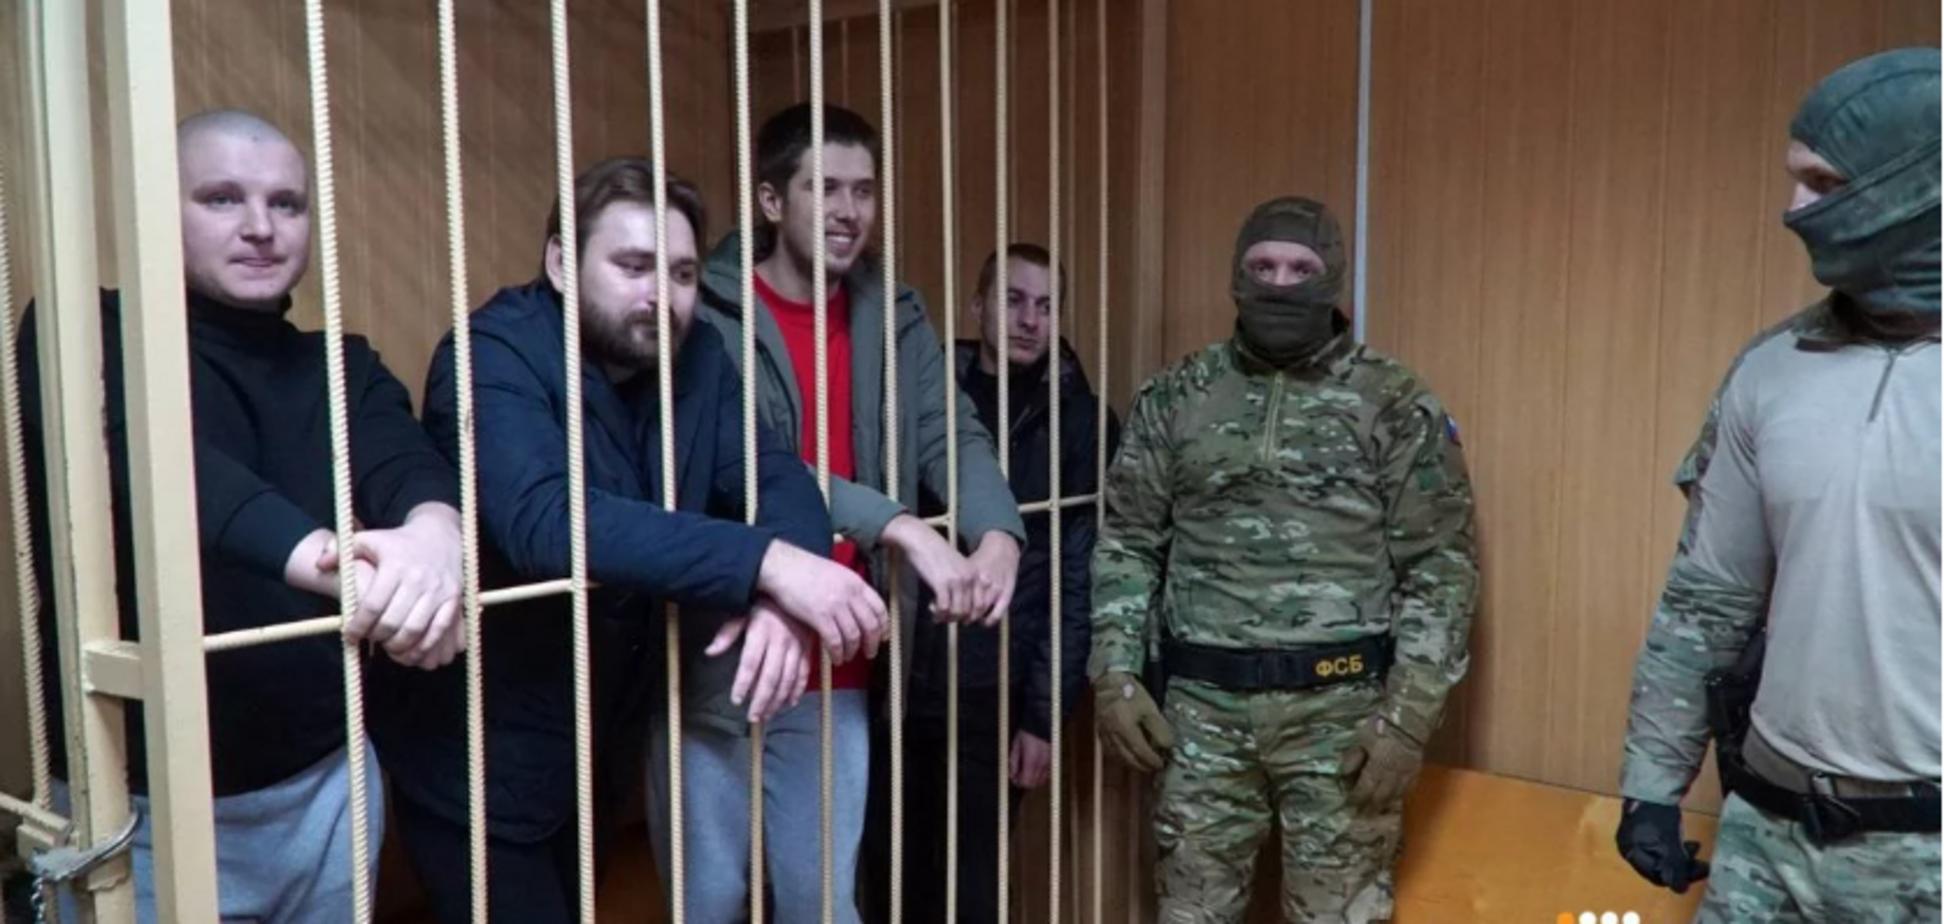 ''Шлях лише один'': адвокат зробив заяву про обмін полонених українців у Росії